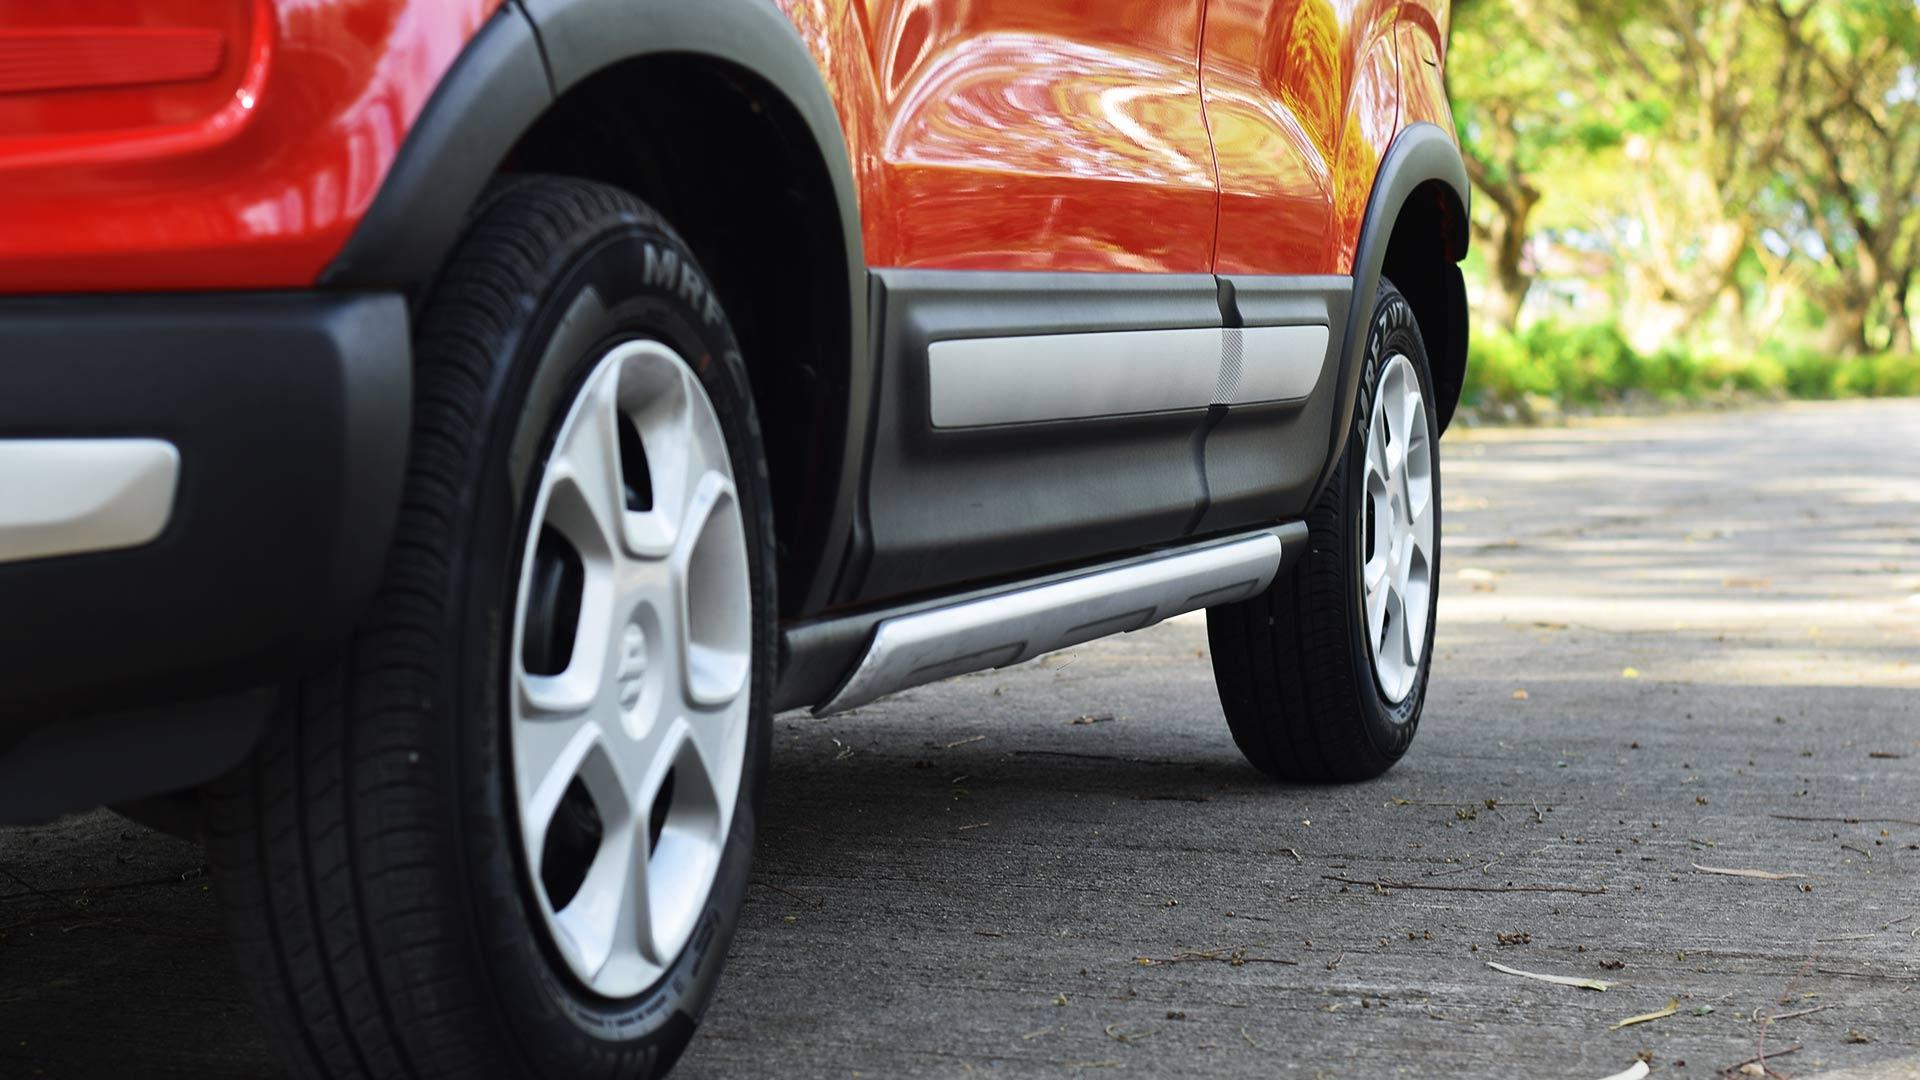 The Suzuki S-Presso wheels